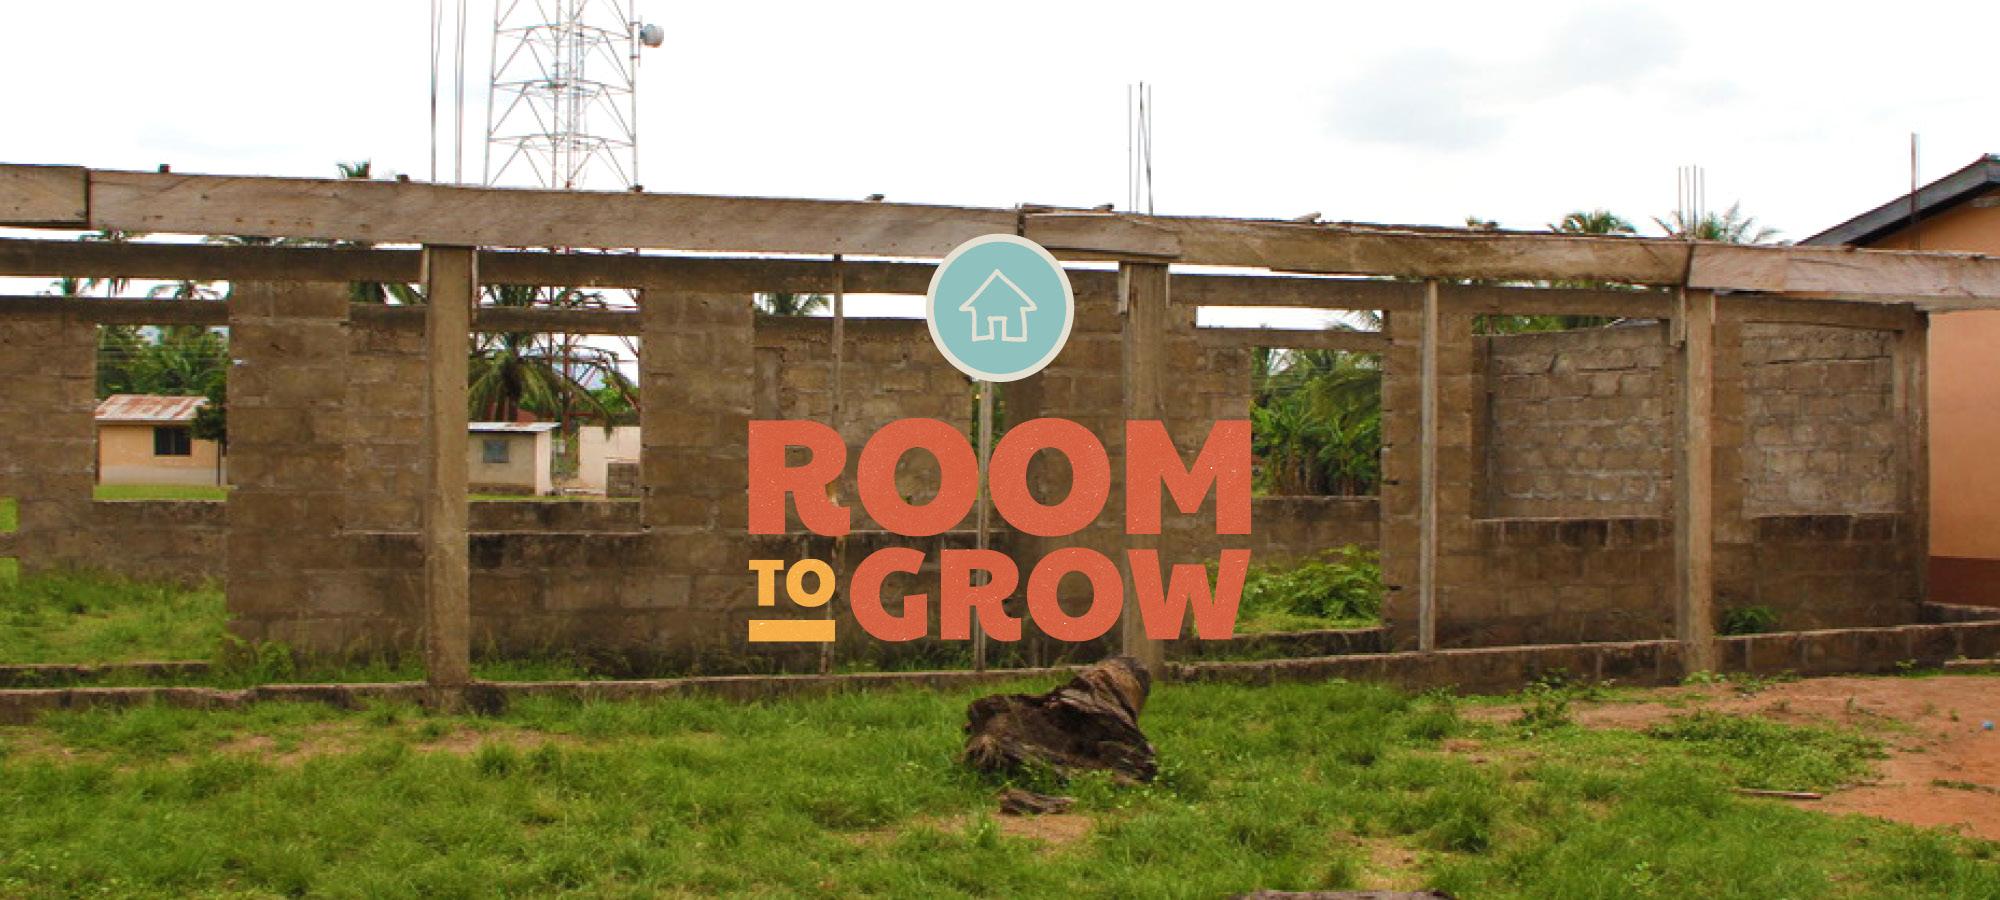 Room to Grow.jpg